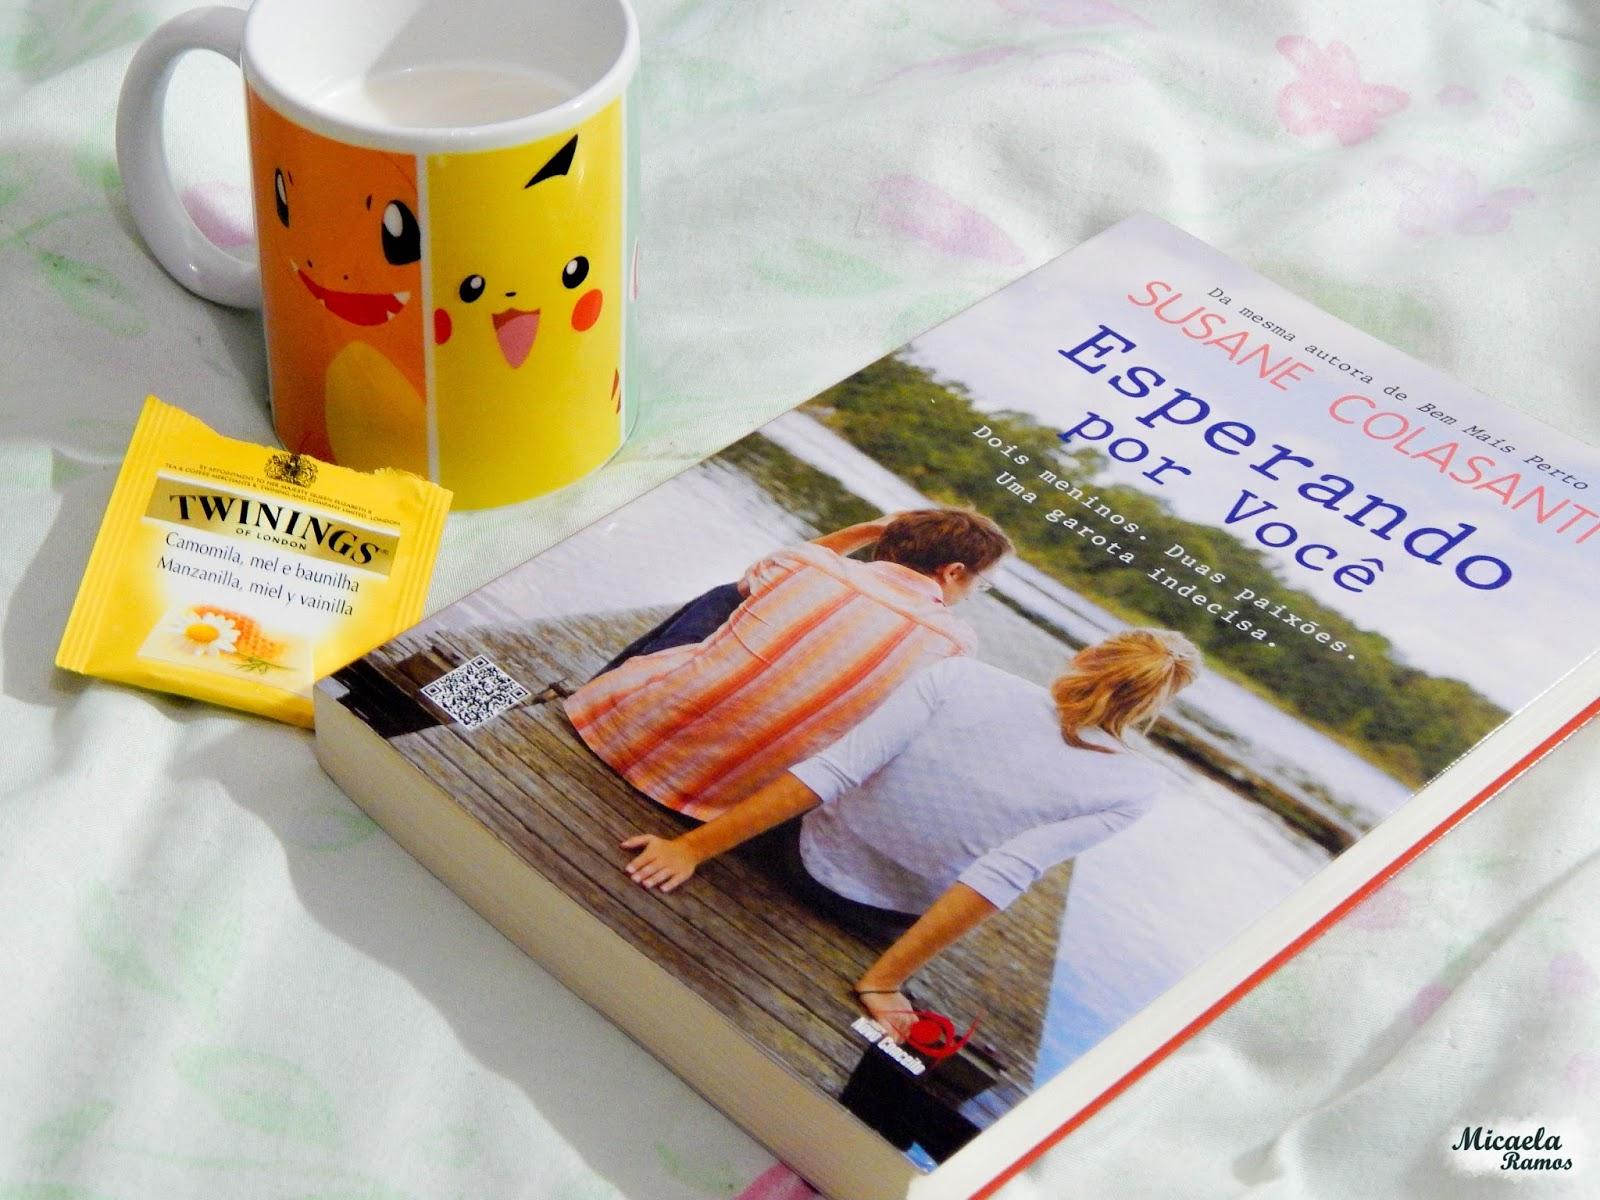 fotografia, photography, livro, book, susane colasanti, esperando por voce, waiting for you, micaela ramos, wanderlust, mug, caneca, pokemon, twinings, tea, cha,